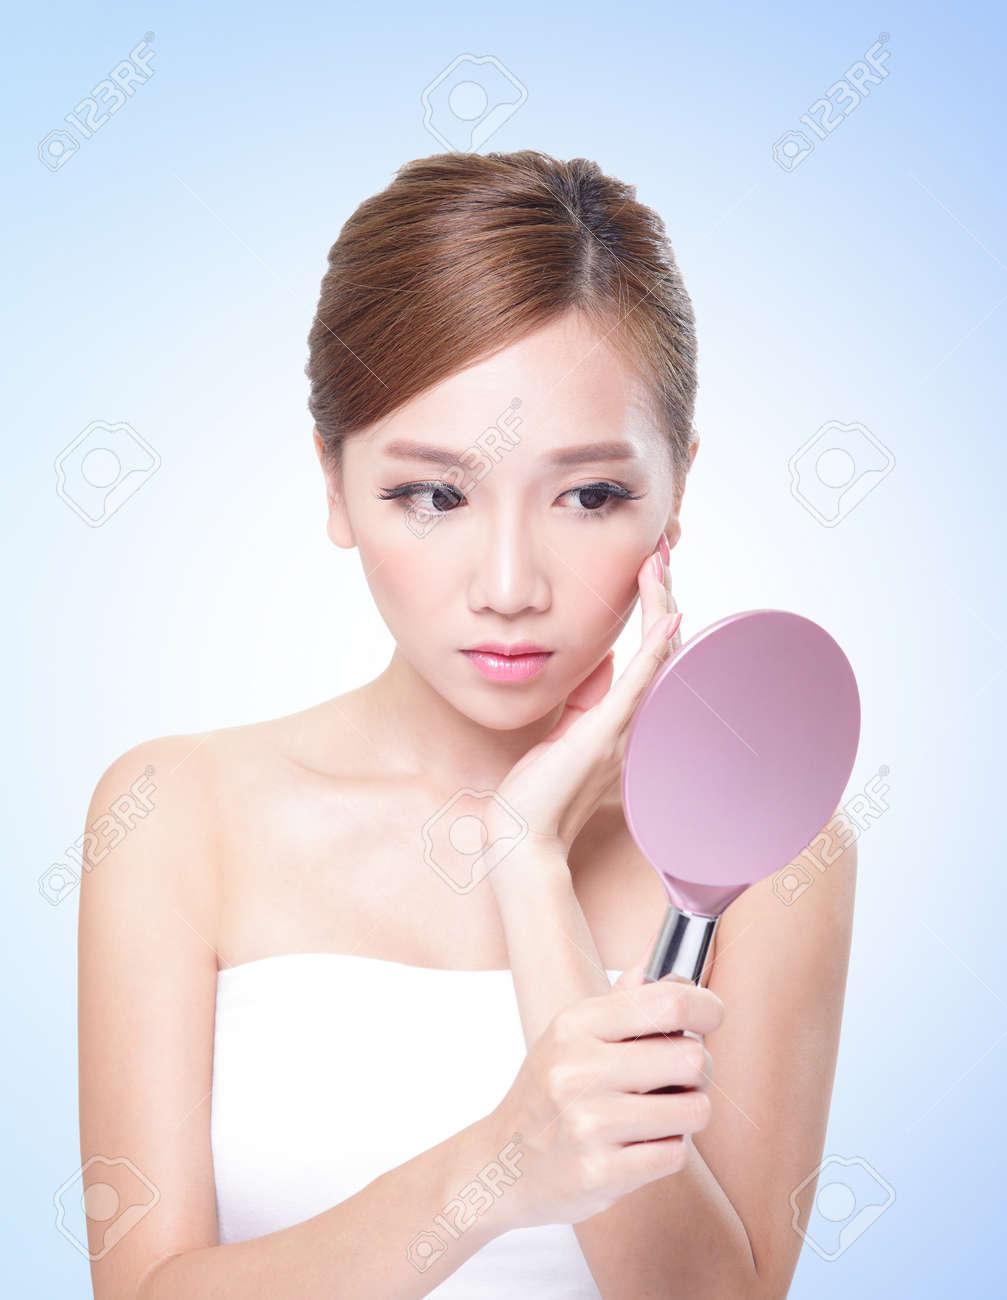 Asian Beauty Skin Care Woman Face, Beautiful Young Woman Touching ...